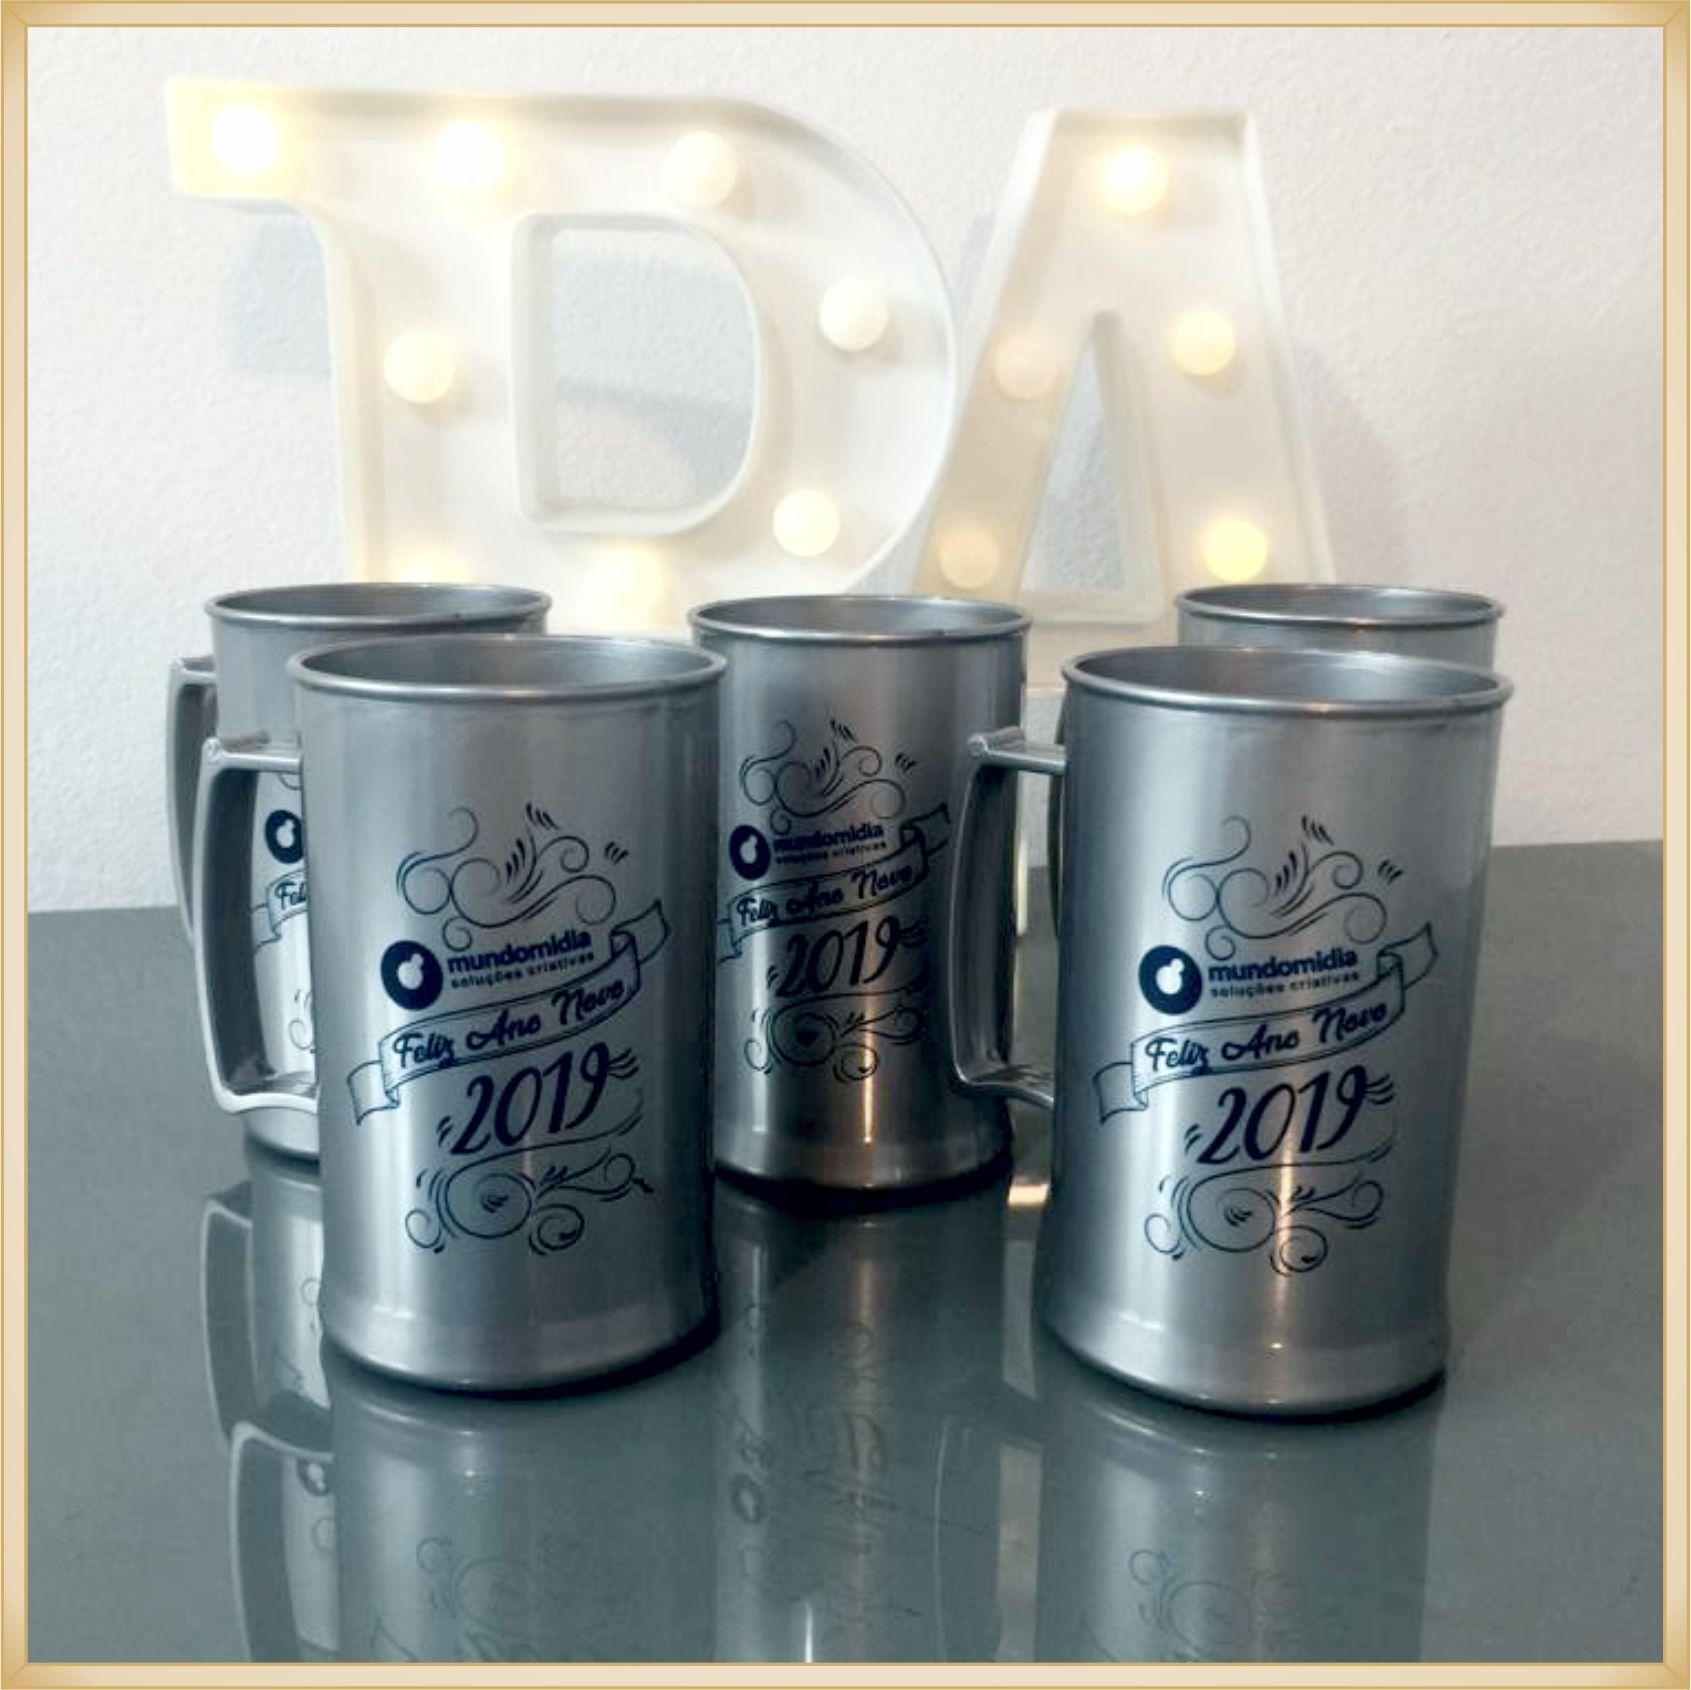 Canecas de acrílico personalizadas - alta qualidade, acabamento perfeito, parede de 2,5 mm, material atóxico, 300 ml - kit 30 unidades